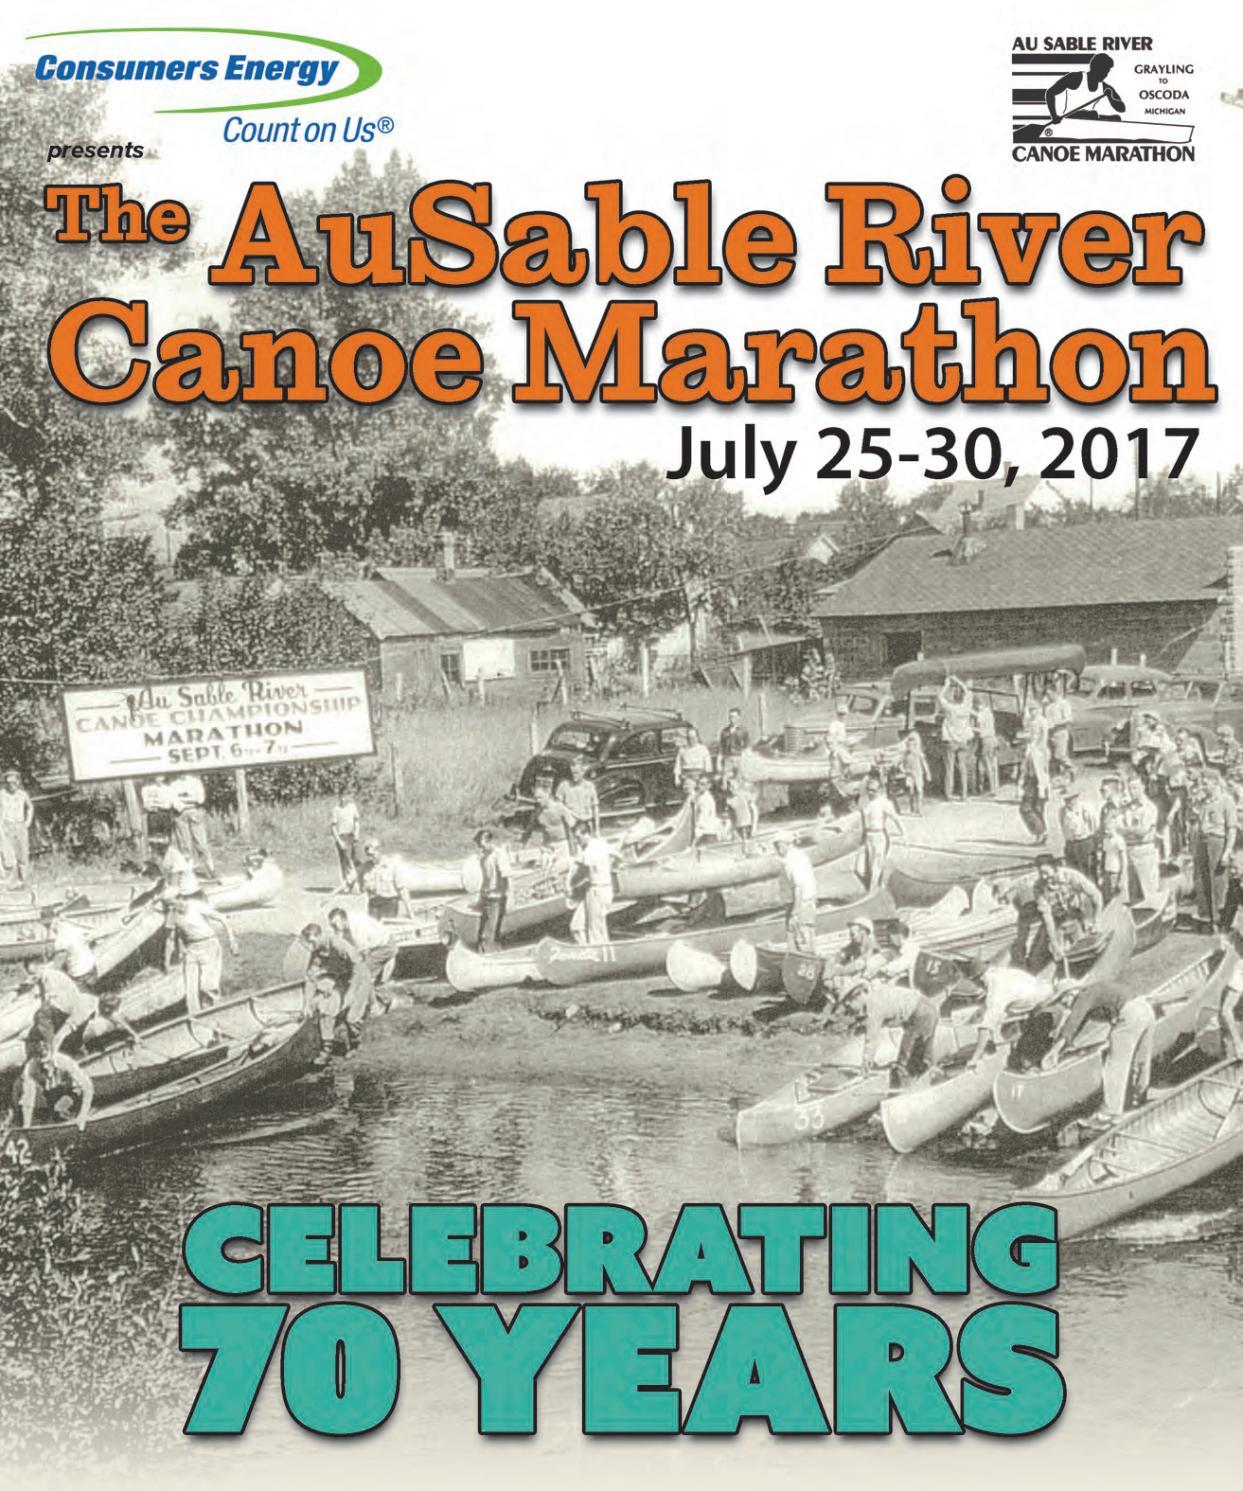 2017 AuSable River Canoe Marathon Program Book by AuSable